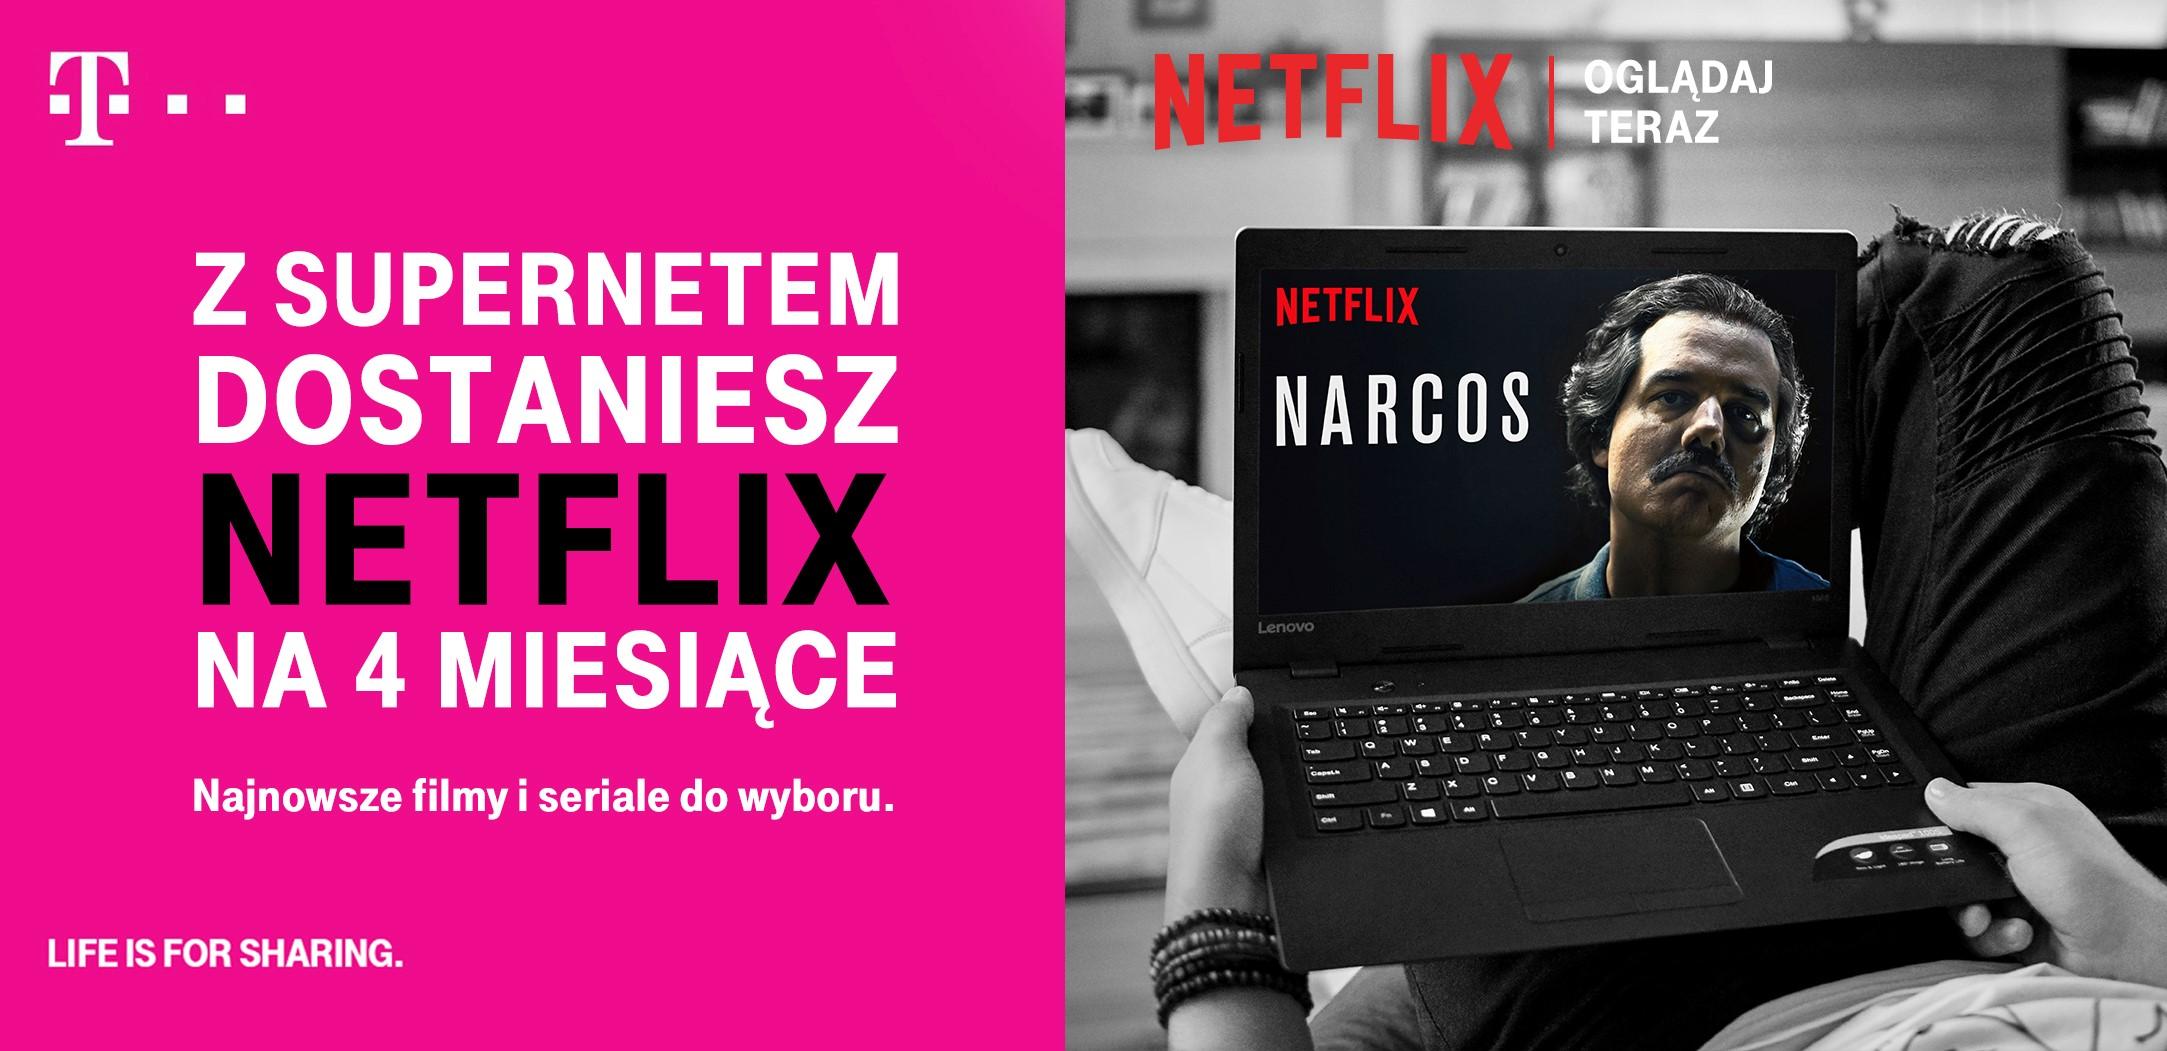 Netflix za darmo w T-Mobile VoD Mieszkanie 11.10.2016